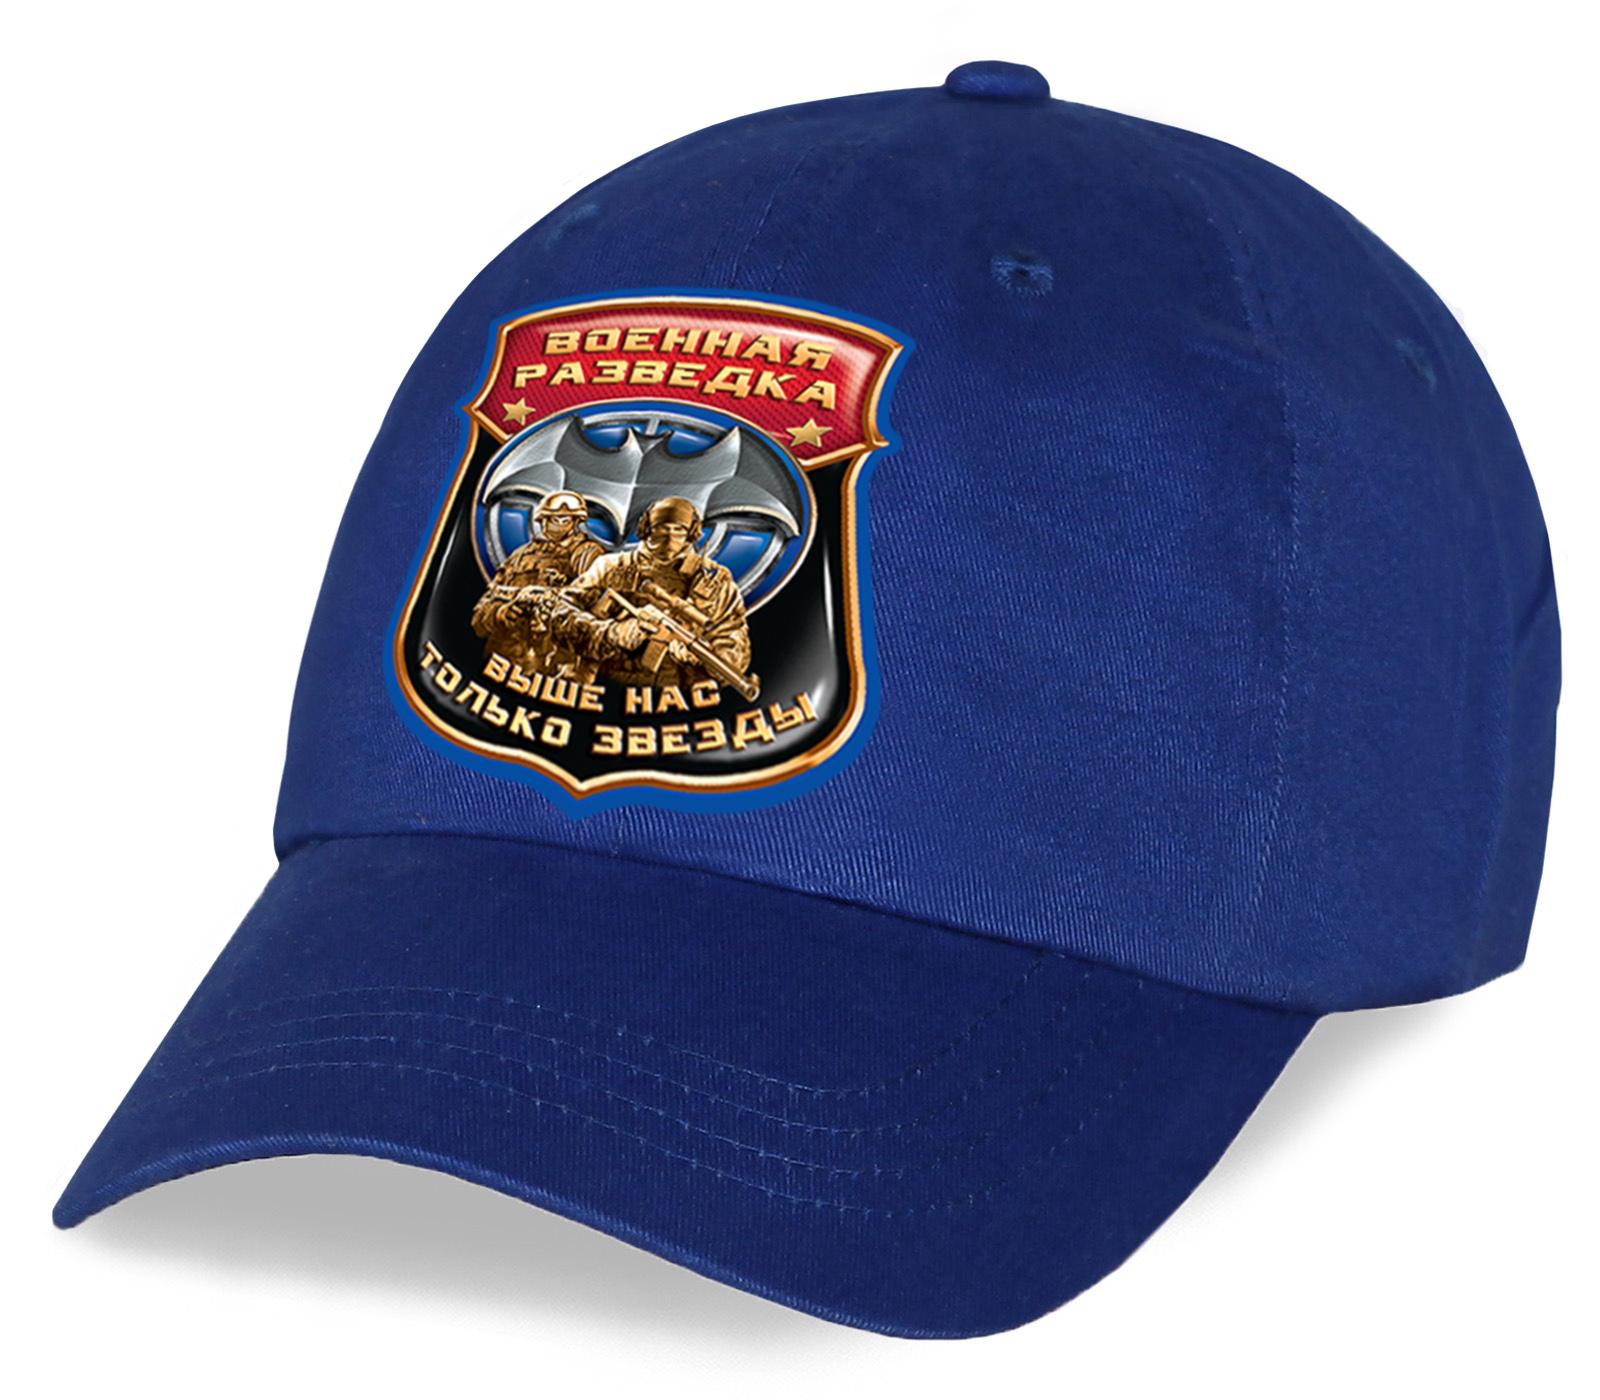 Спешите купить хлопковую мужскую кепку с авторским эксклюзивным принтом «Выше нас только звезды» от Военпро в подарок разведчику. Поспешите купить!